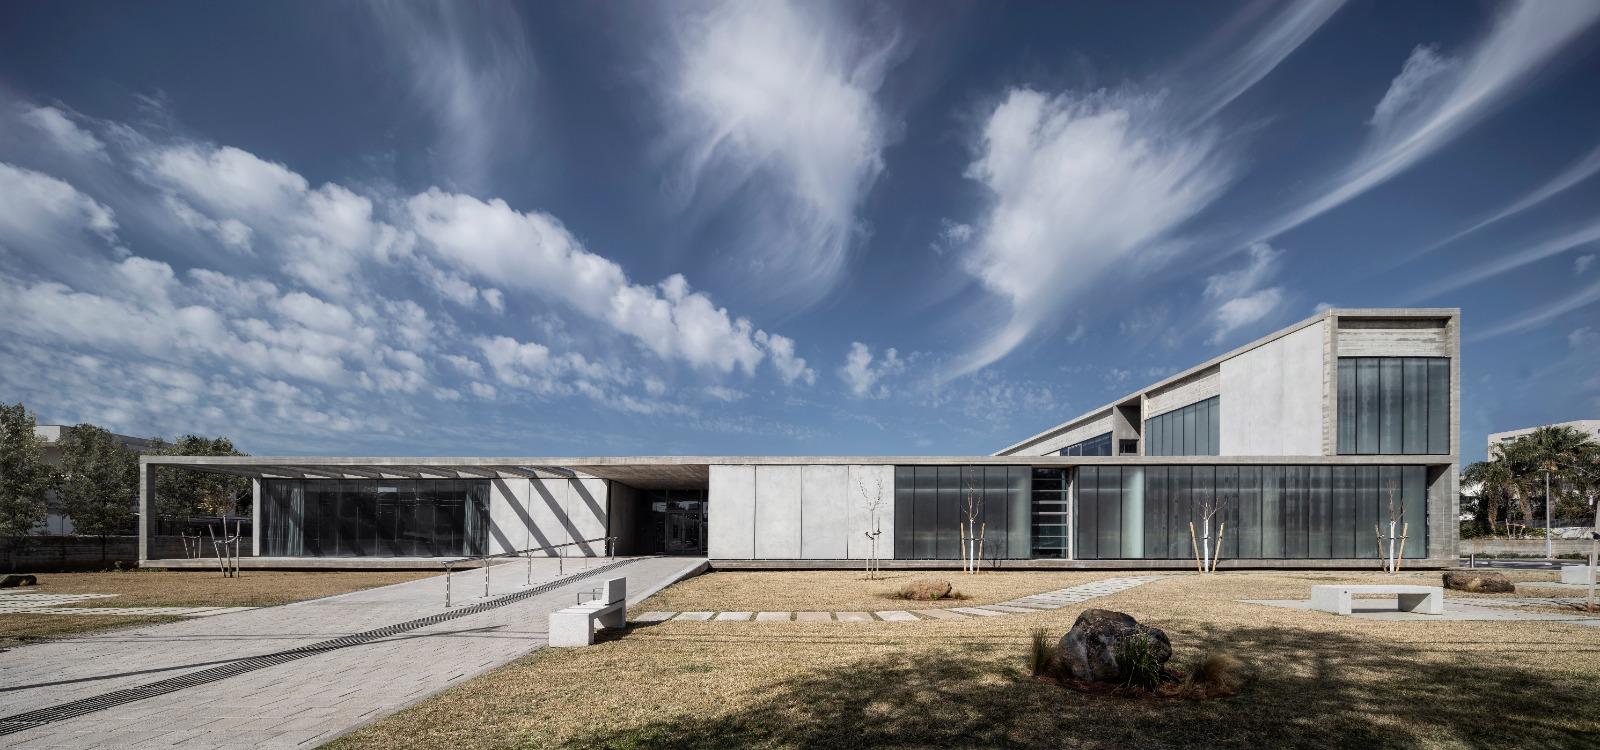 מי שמצביע משפיע: מרכז התרבות תאו בהרצליה עלה לגמר תחרות אדריכלות בינלאומית